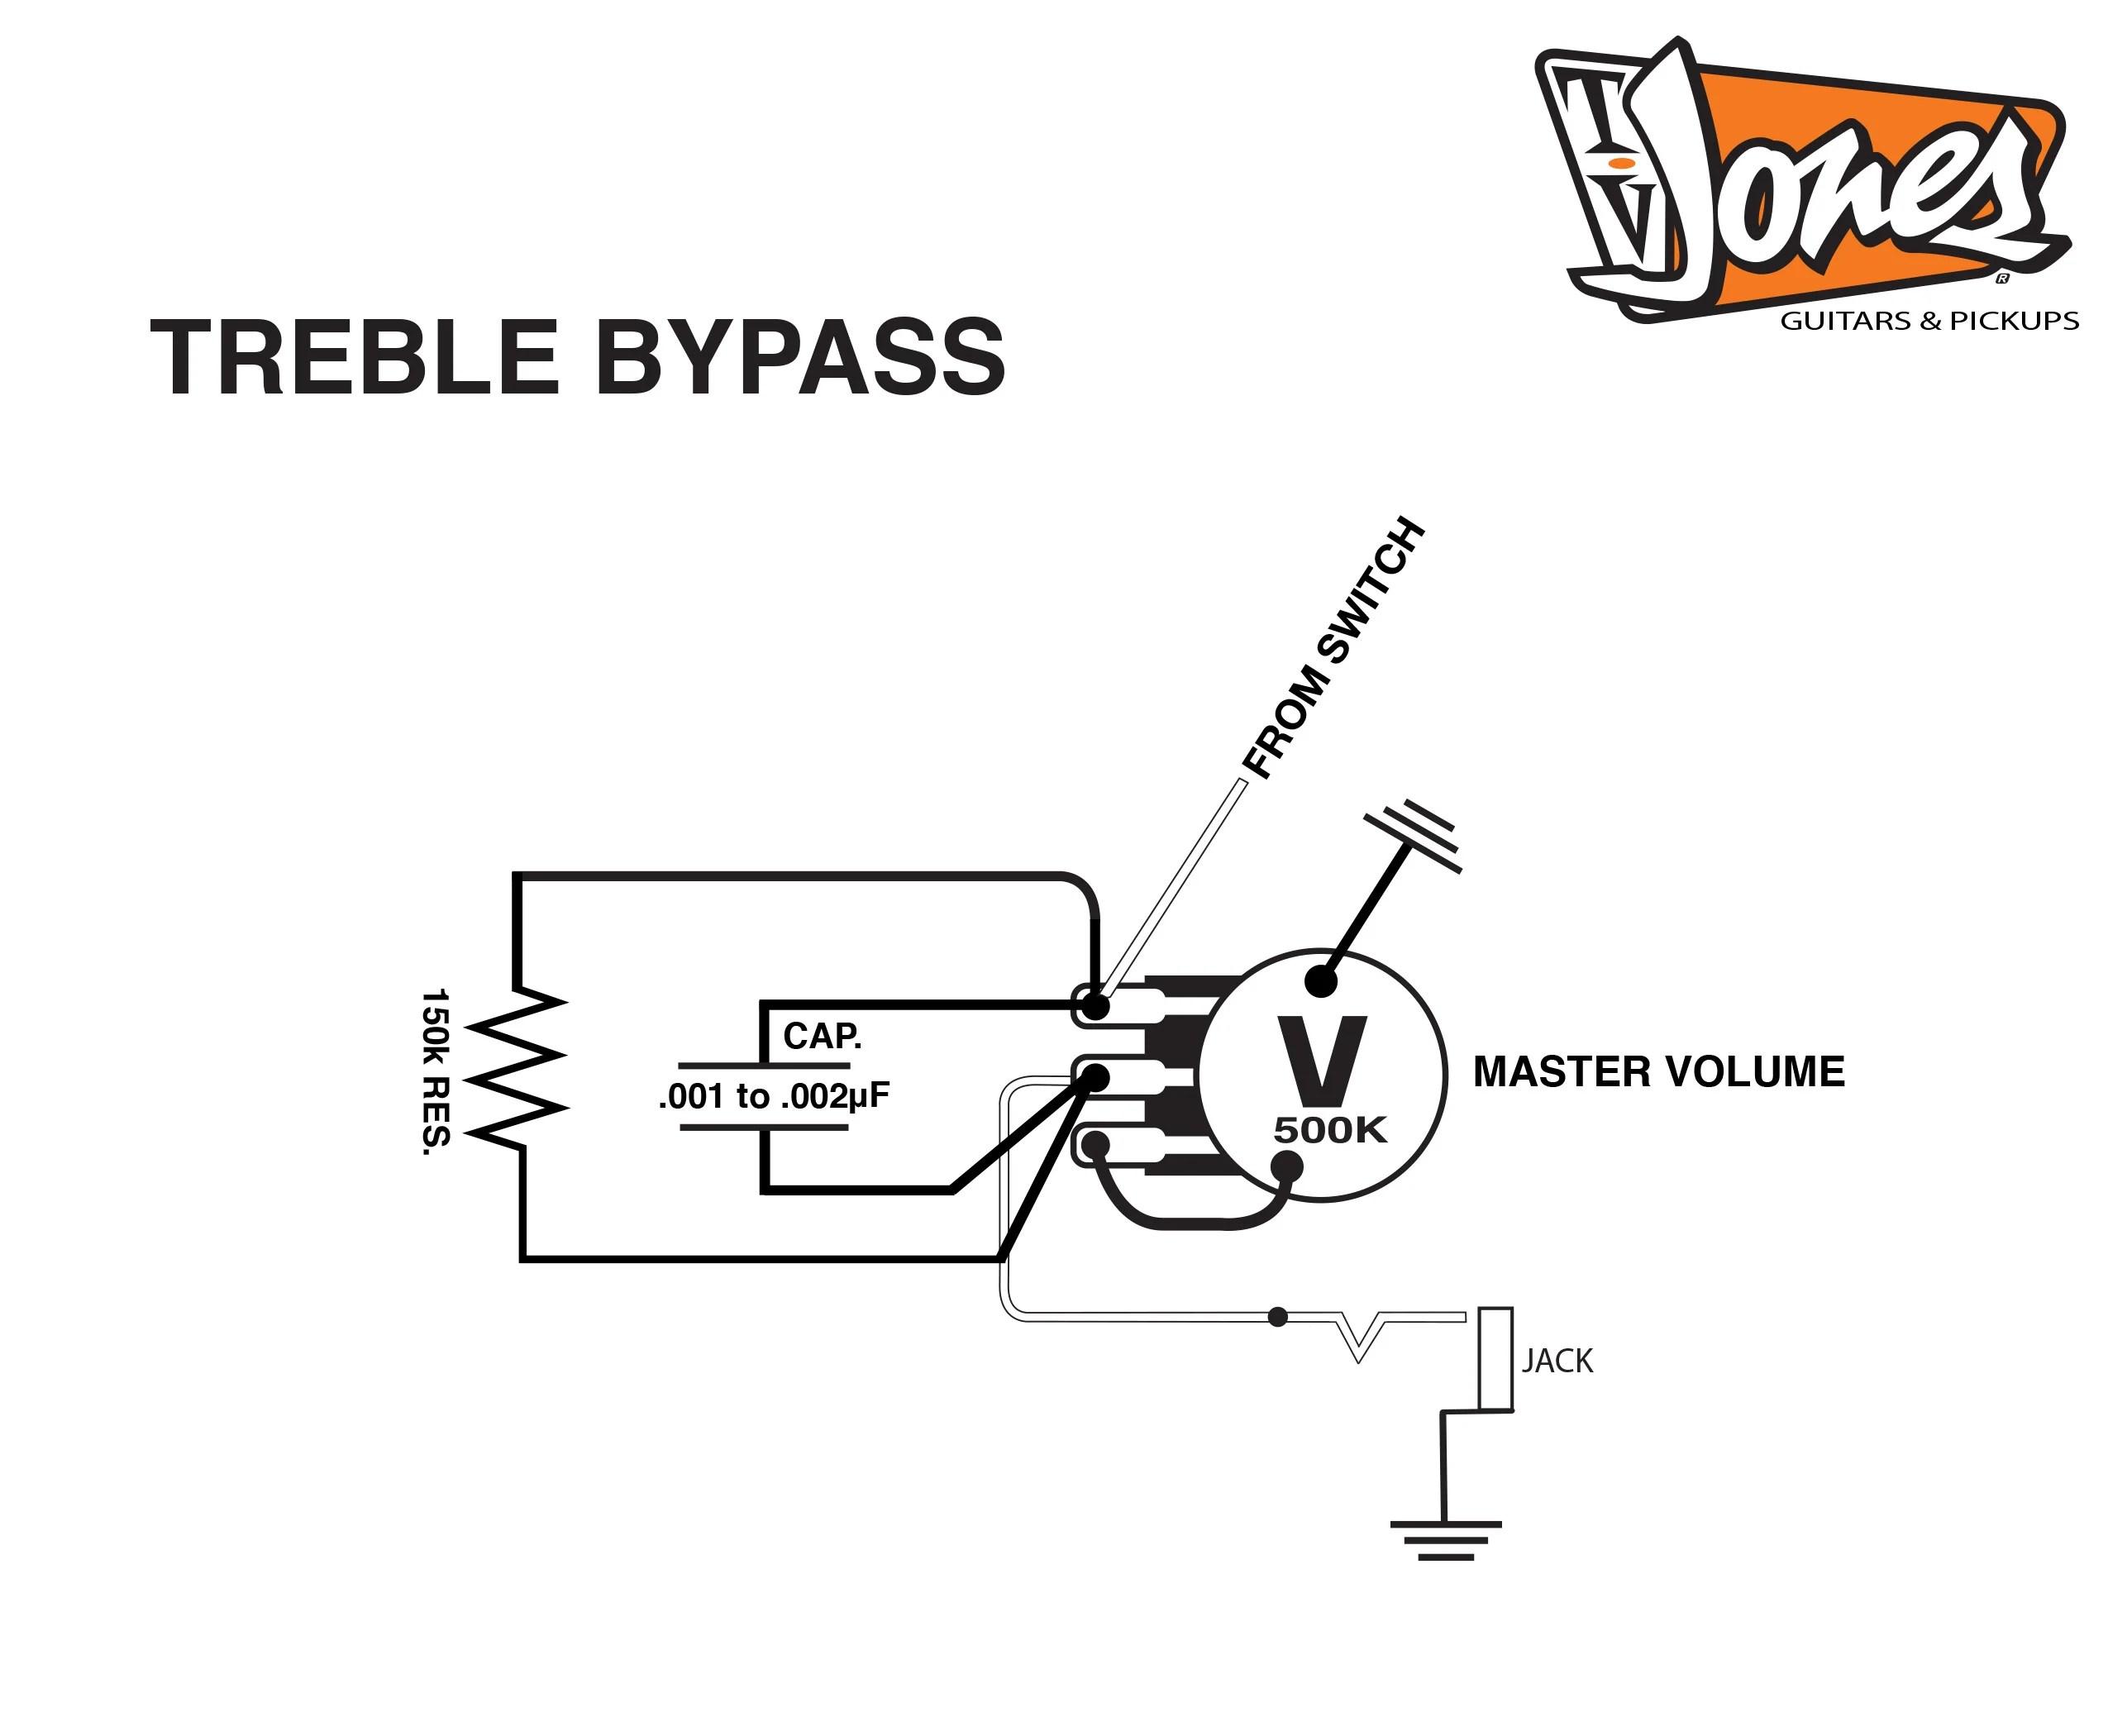 gretsch guitar wiring diagram as well as gretsch guitar wiring